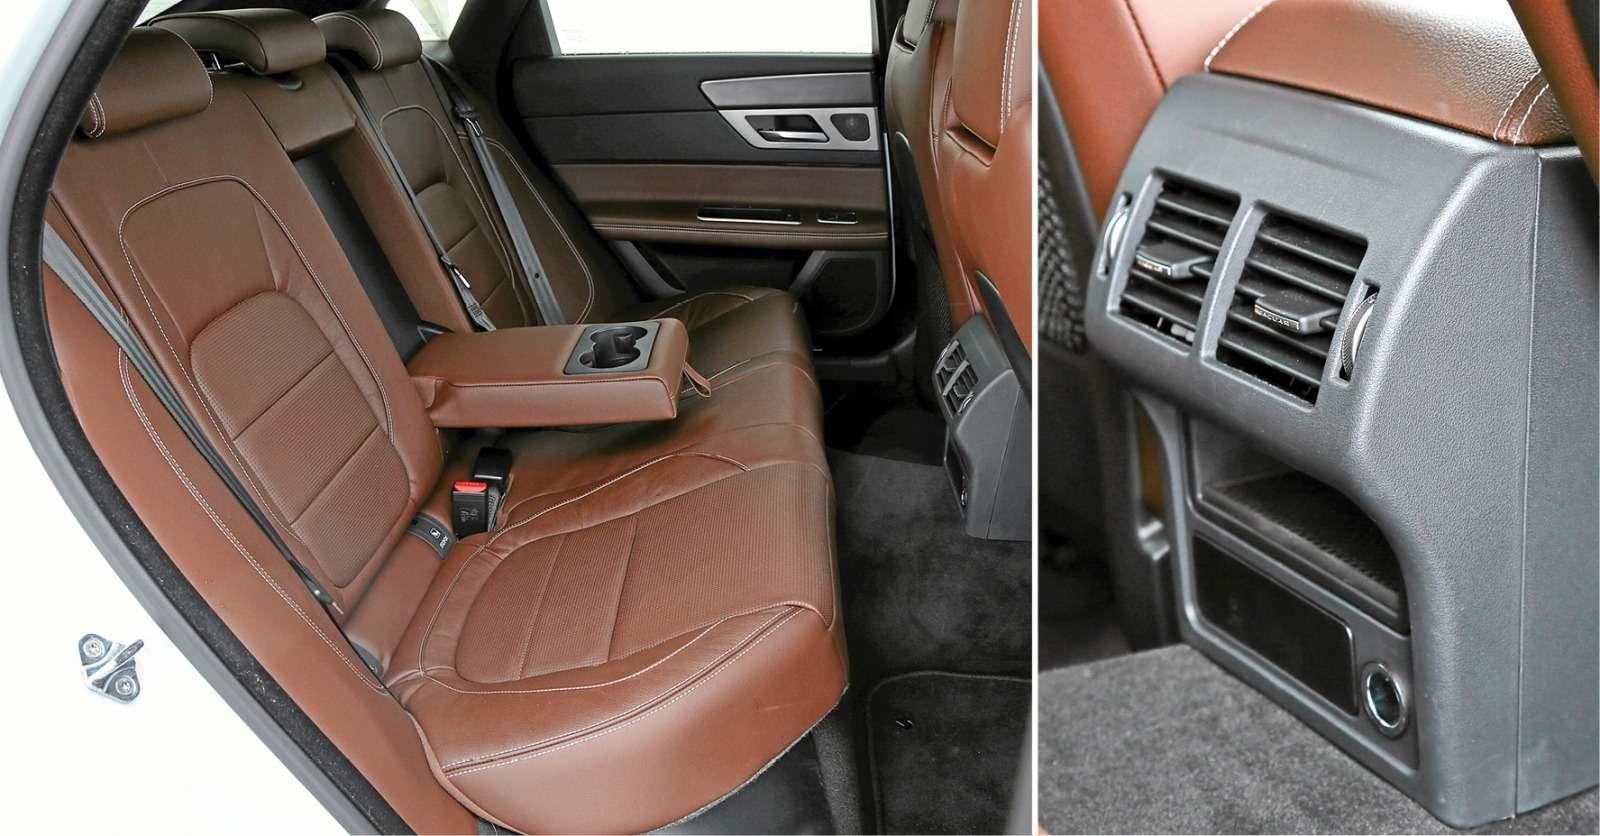 Схватка бизнес-седанов: новый Jaguar XFпротив Infiniti Q70и Cadillac CTS— фото 574926